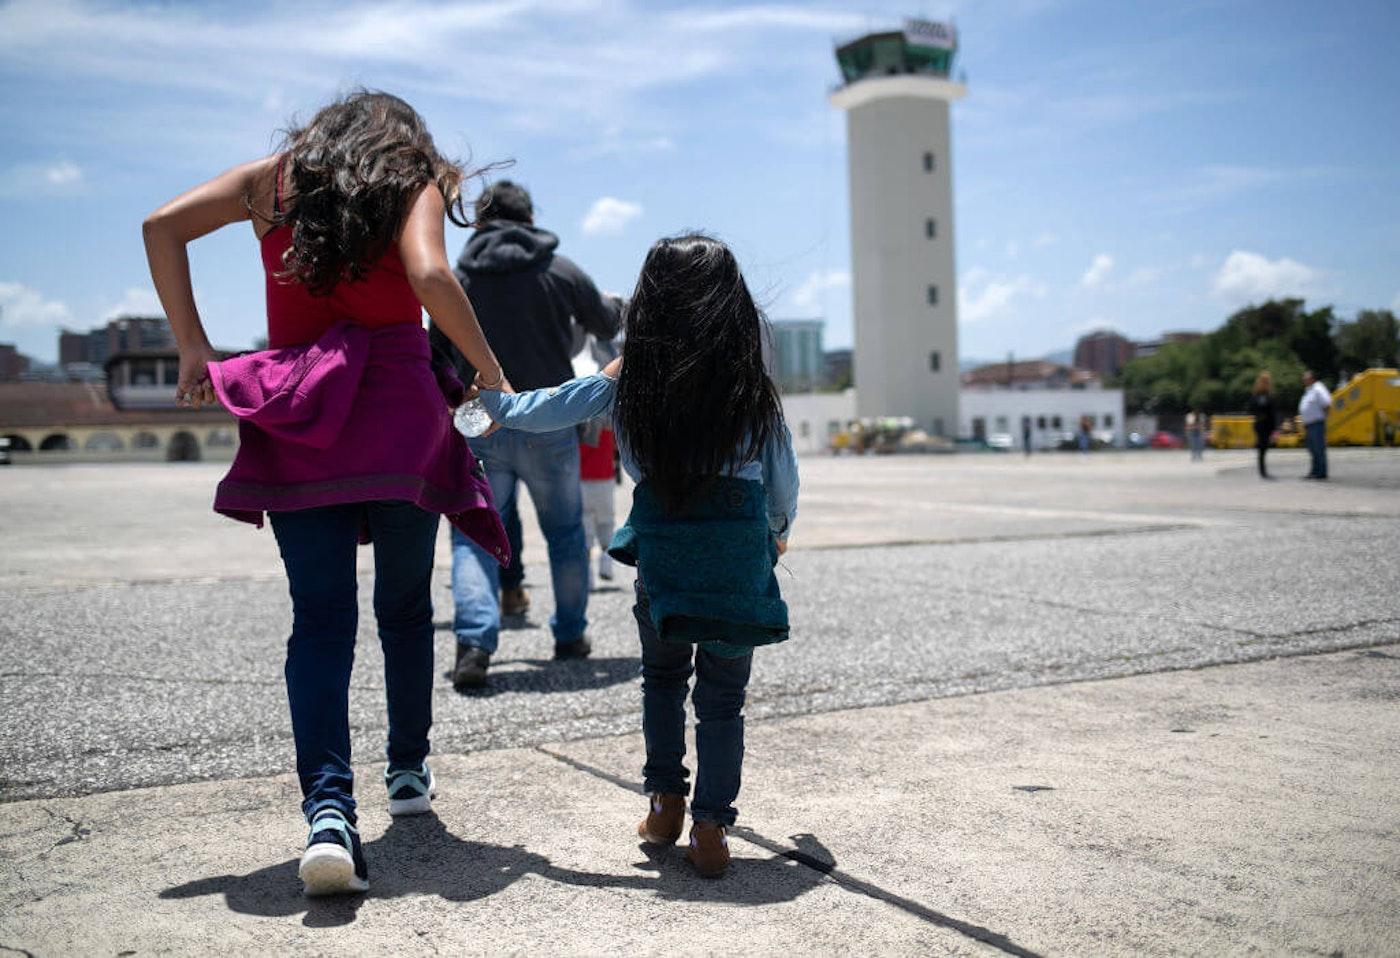 biden-pause-deportations